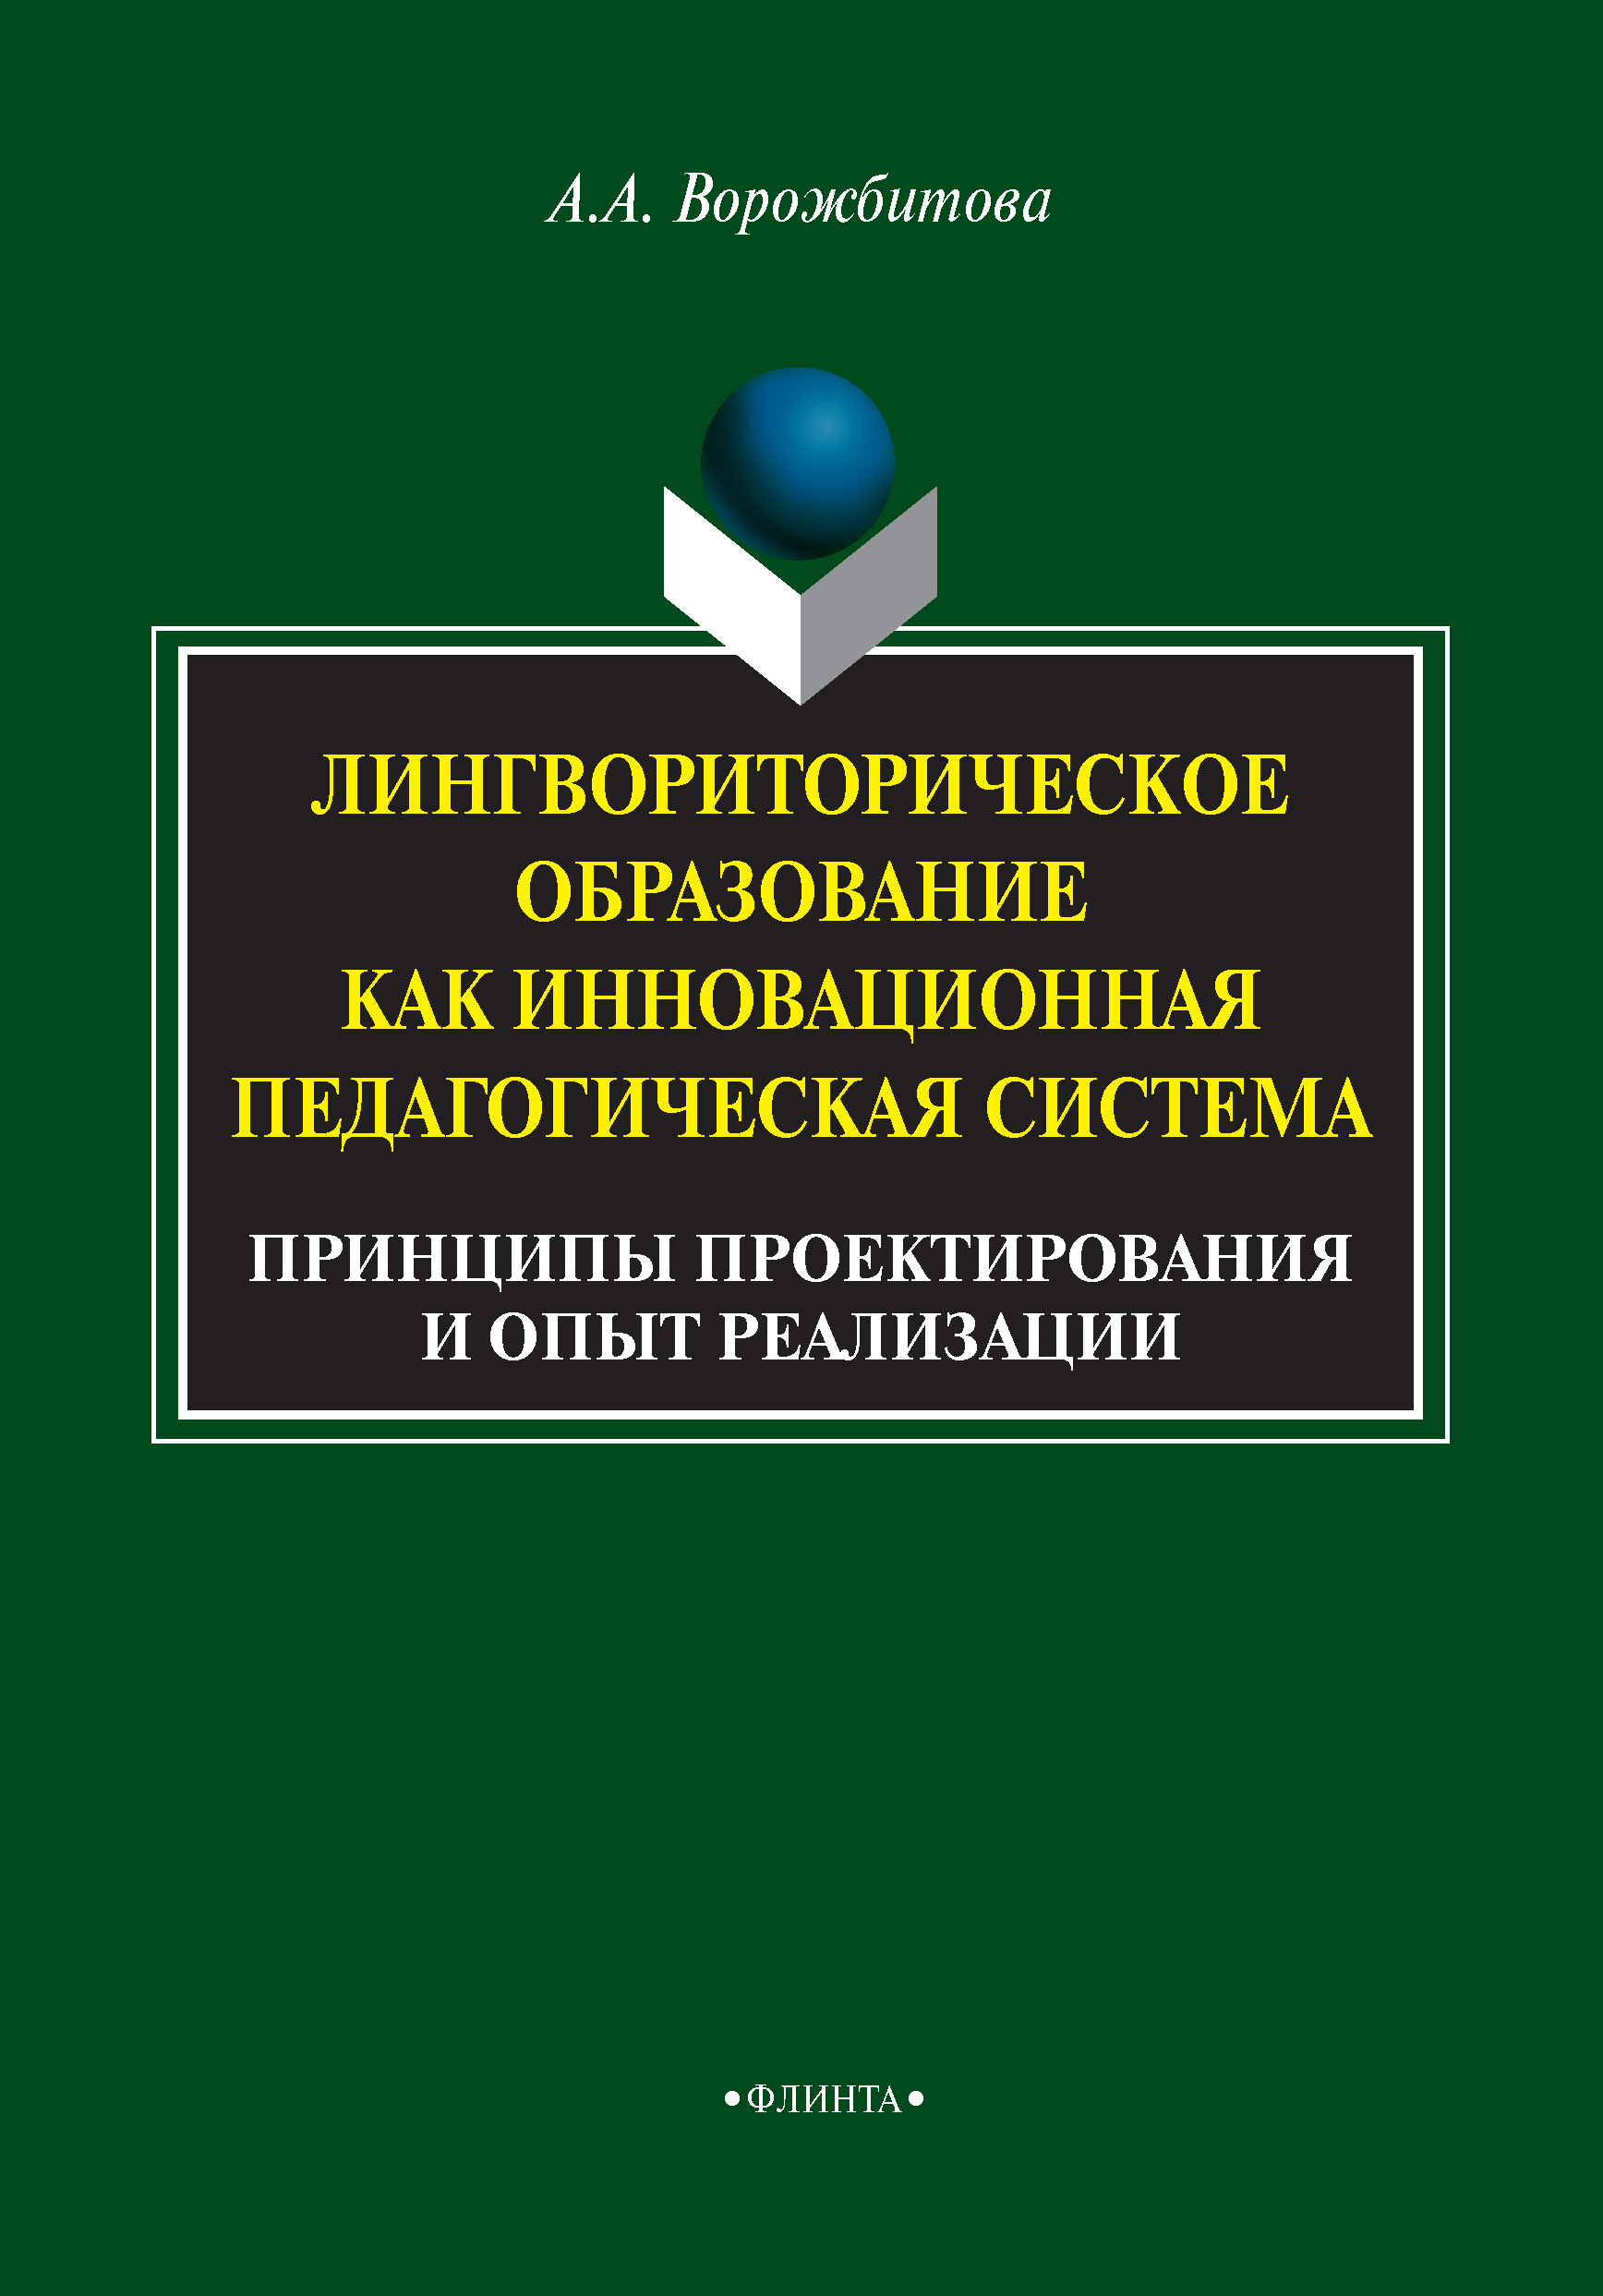 А. А. Ворожбитова Лингвориторическое образование как инновационная педагогическая система. Принципы проектирования и опыт реализации цена 2017